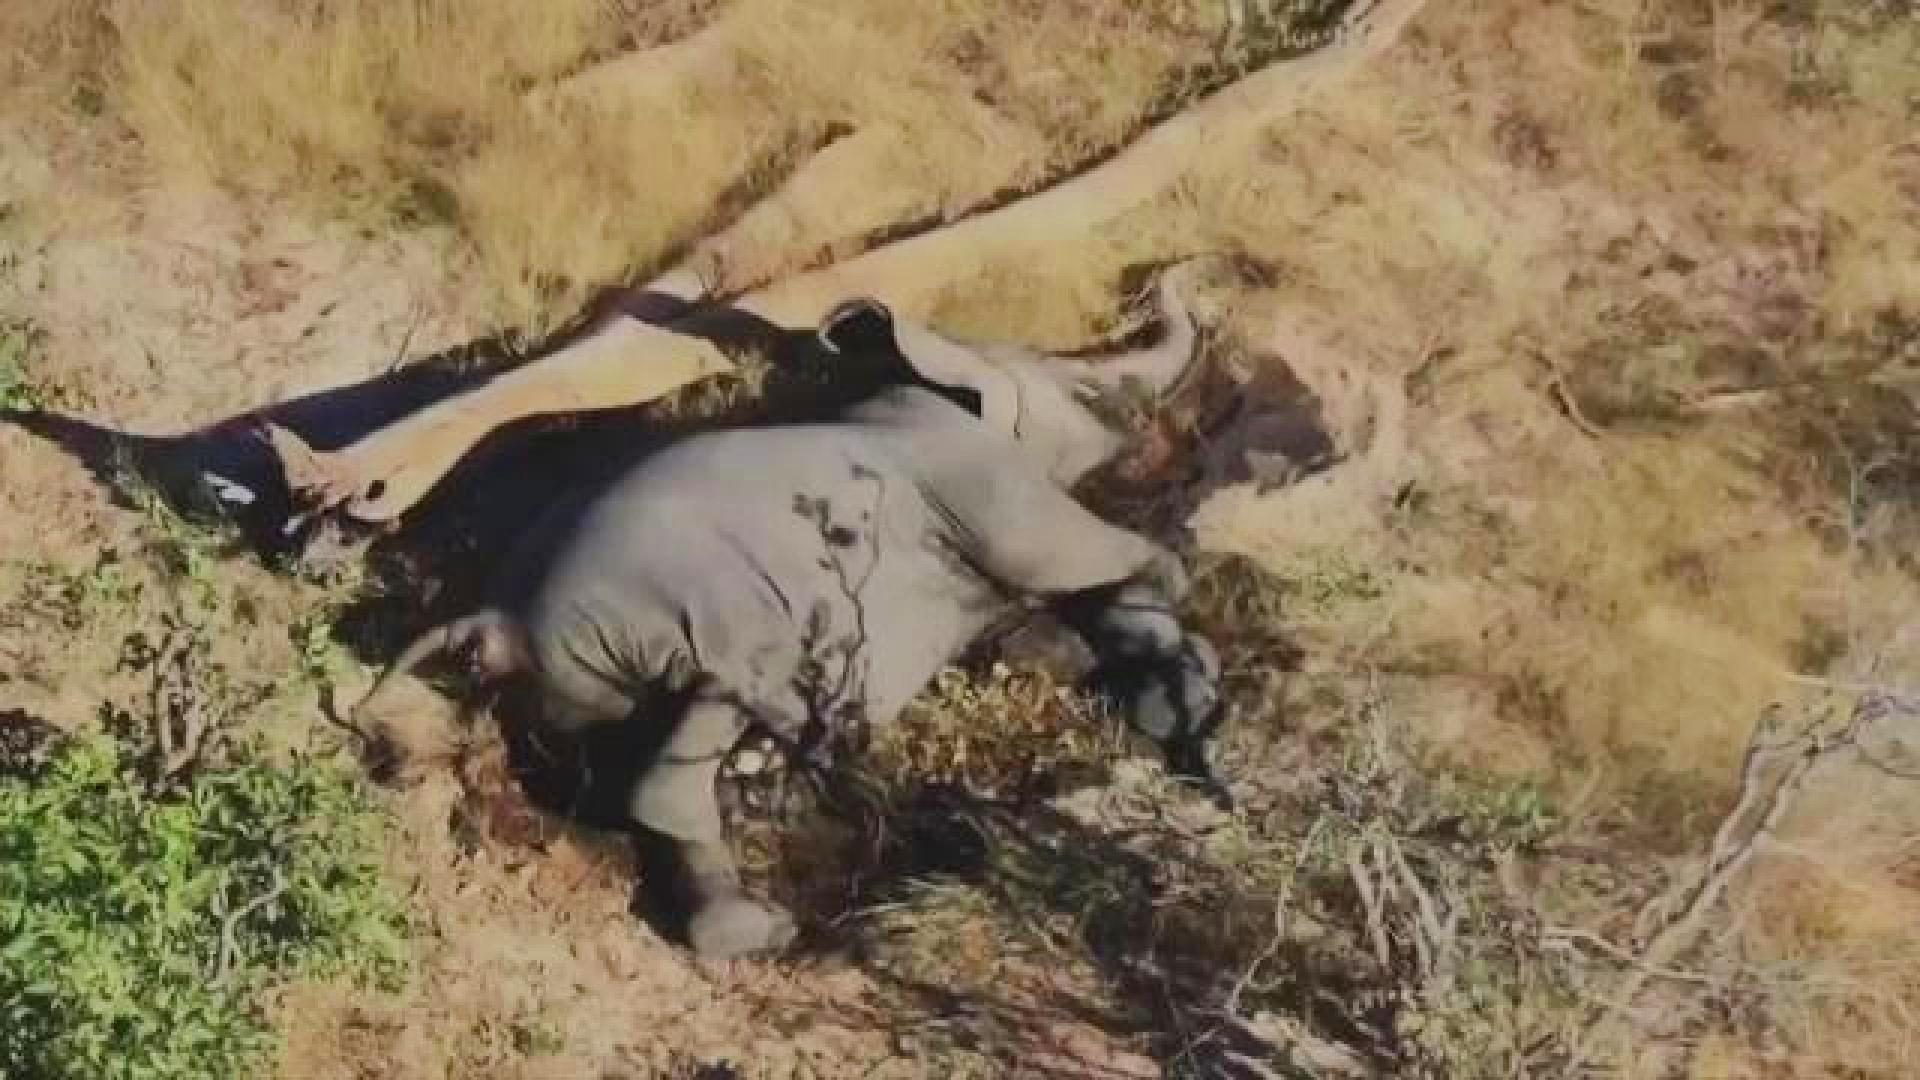 Toxinas na água causam a morte de mais de 300 elefantes na África